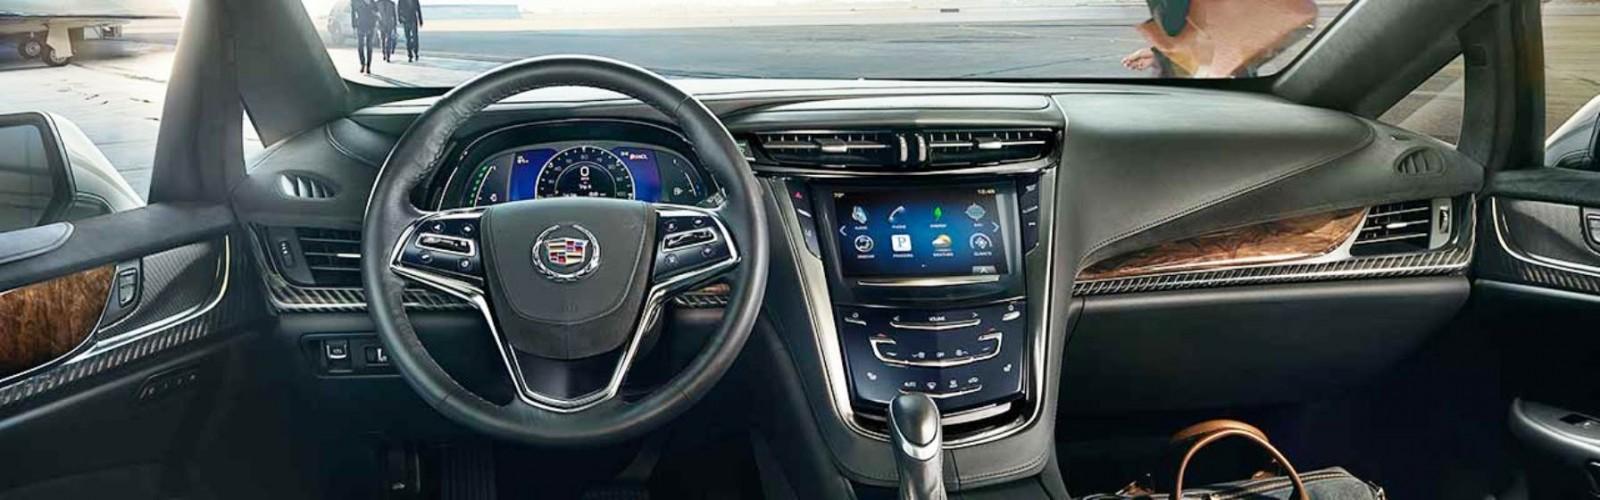 2014-Cadillac-ELR-10-1600x500.jpg